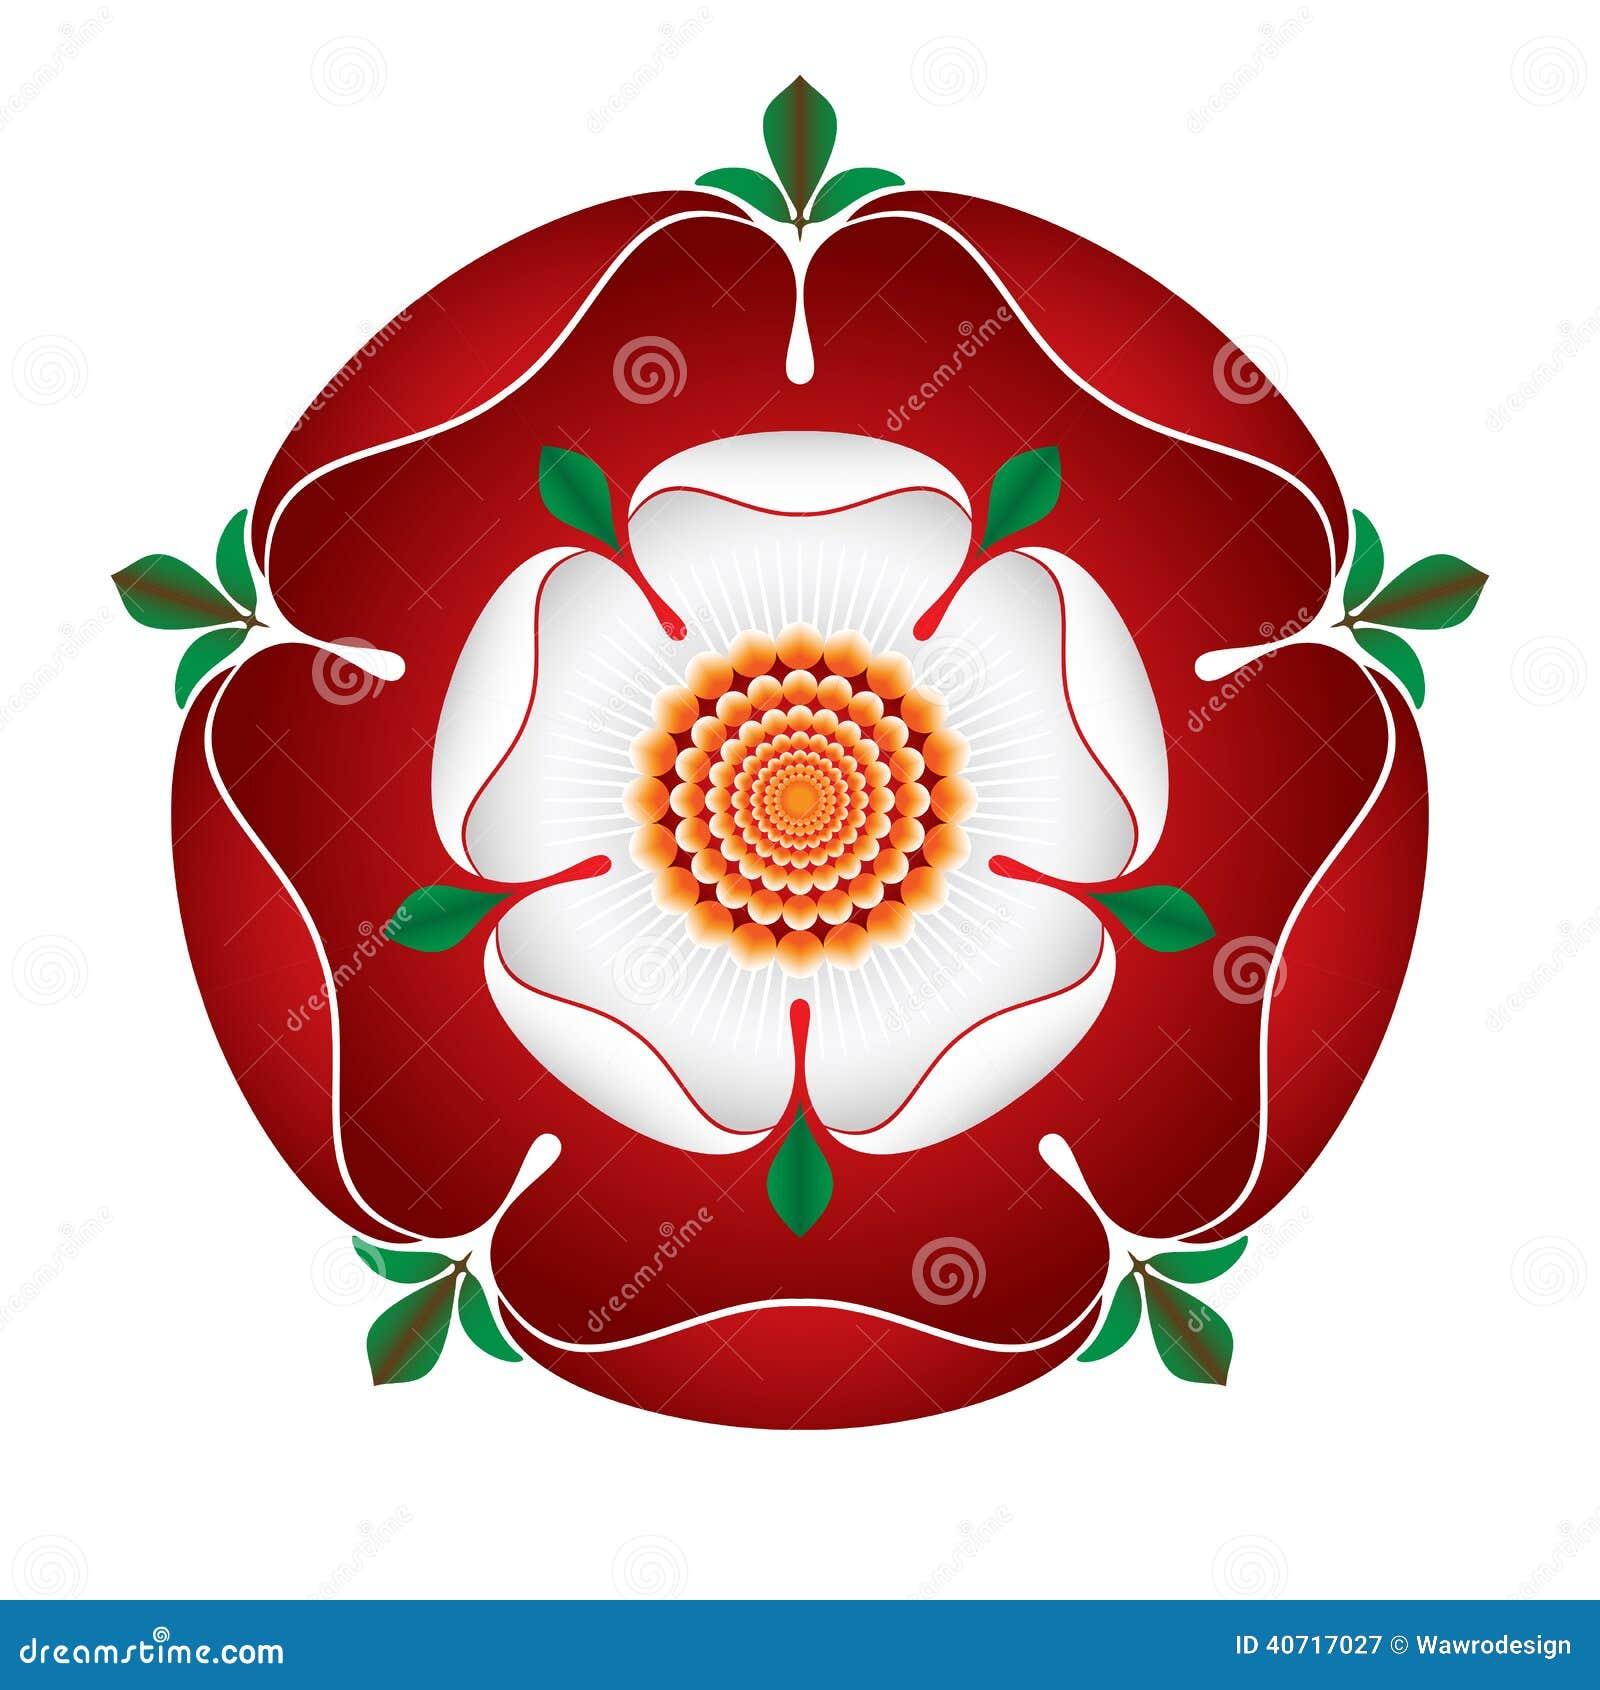 Símbolo Inglês Do â Da Ilustração Do â De Tudor Dynasty Rose